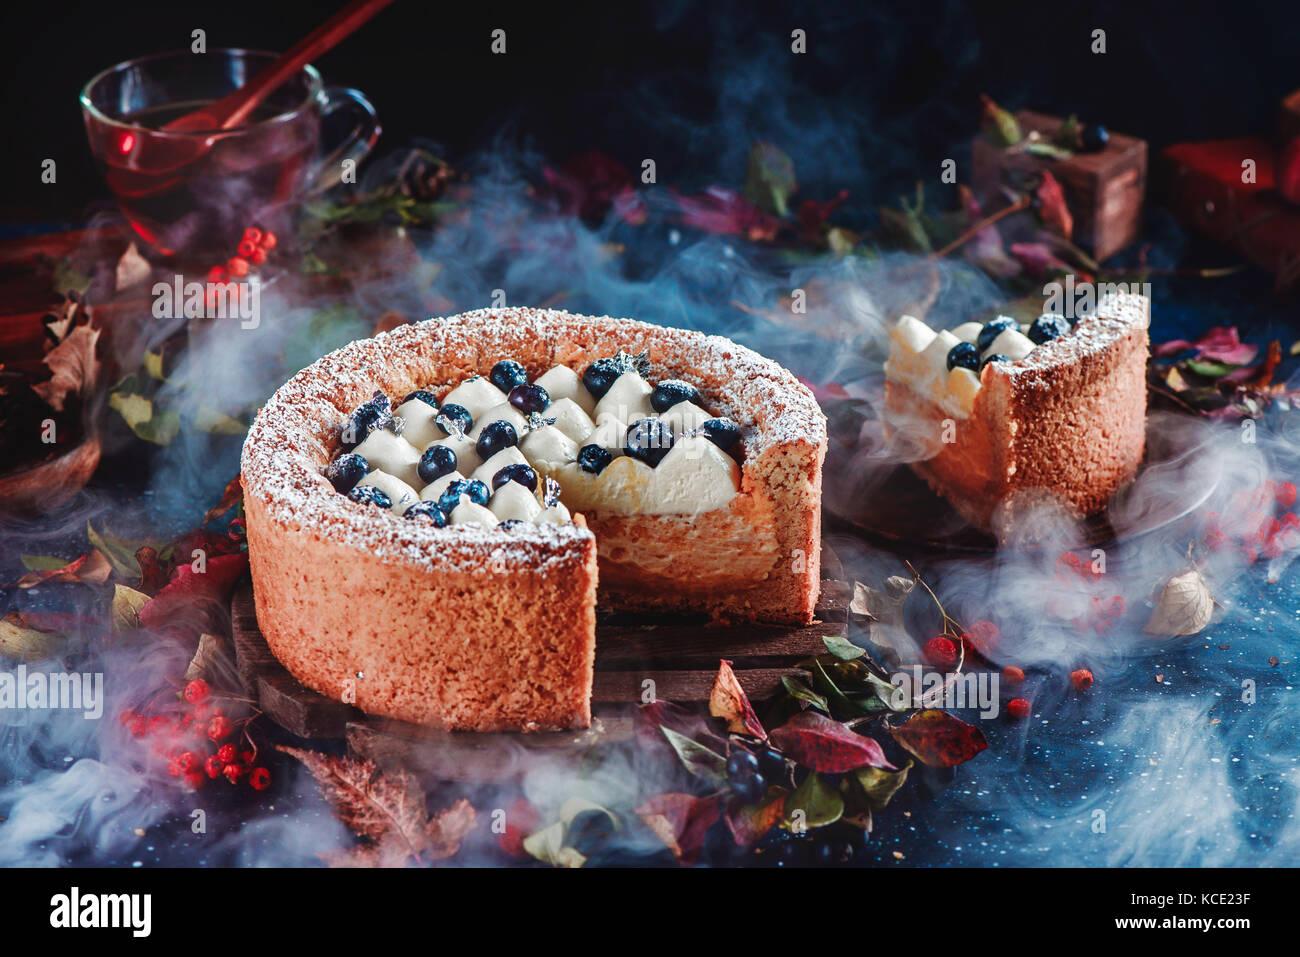 Tagliare la torta con una crosta di pasta frolla su uno sfondo scuro. un pezzo di torta con panna montata e mirtilli. Immagini Stock